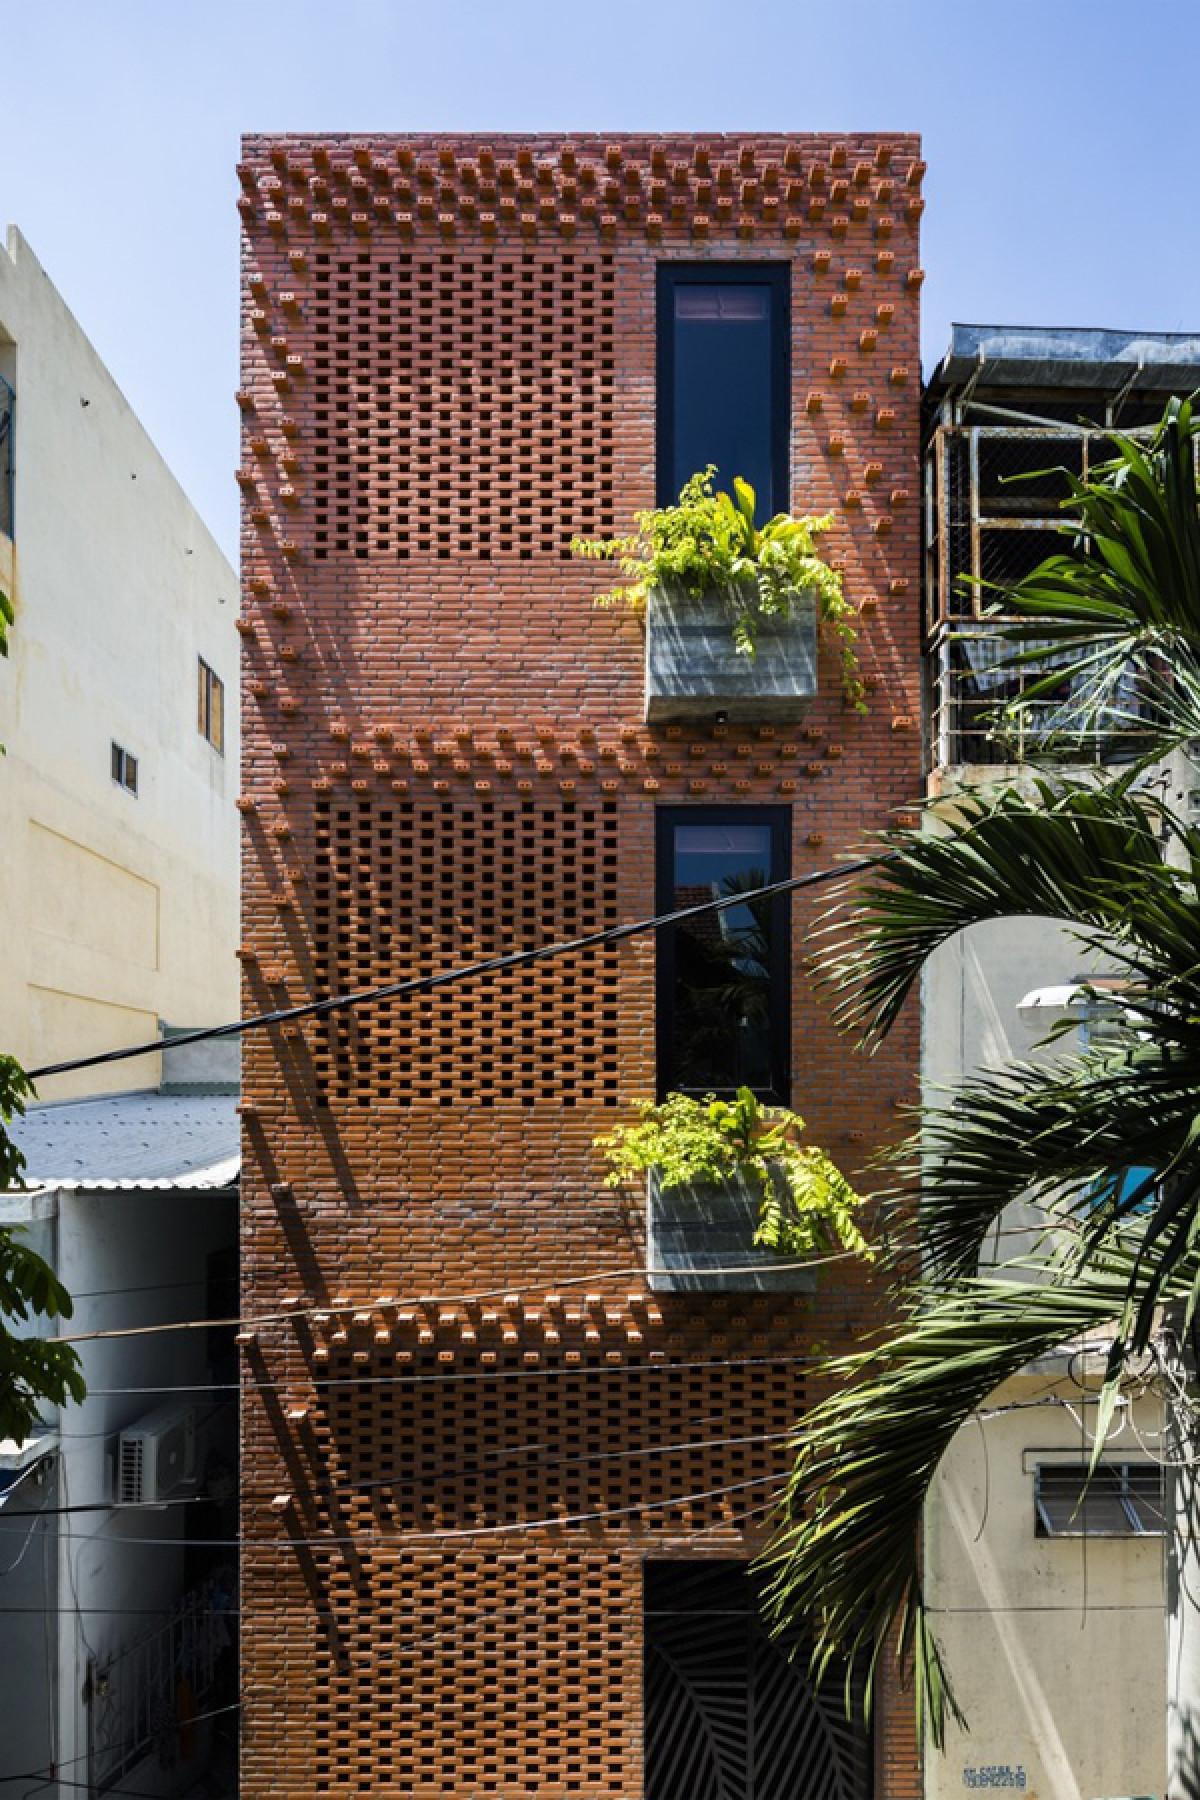 Mặt sau ngôi nhà được xây bằng gạch trần với những bức tường hoa để chắn nắng hướng tây./.